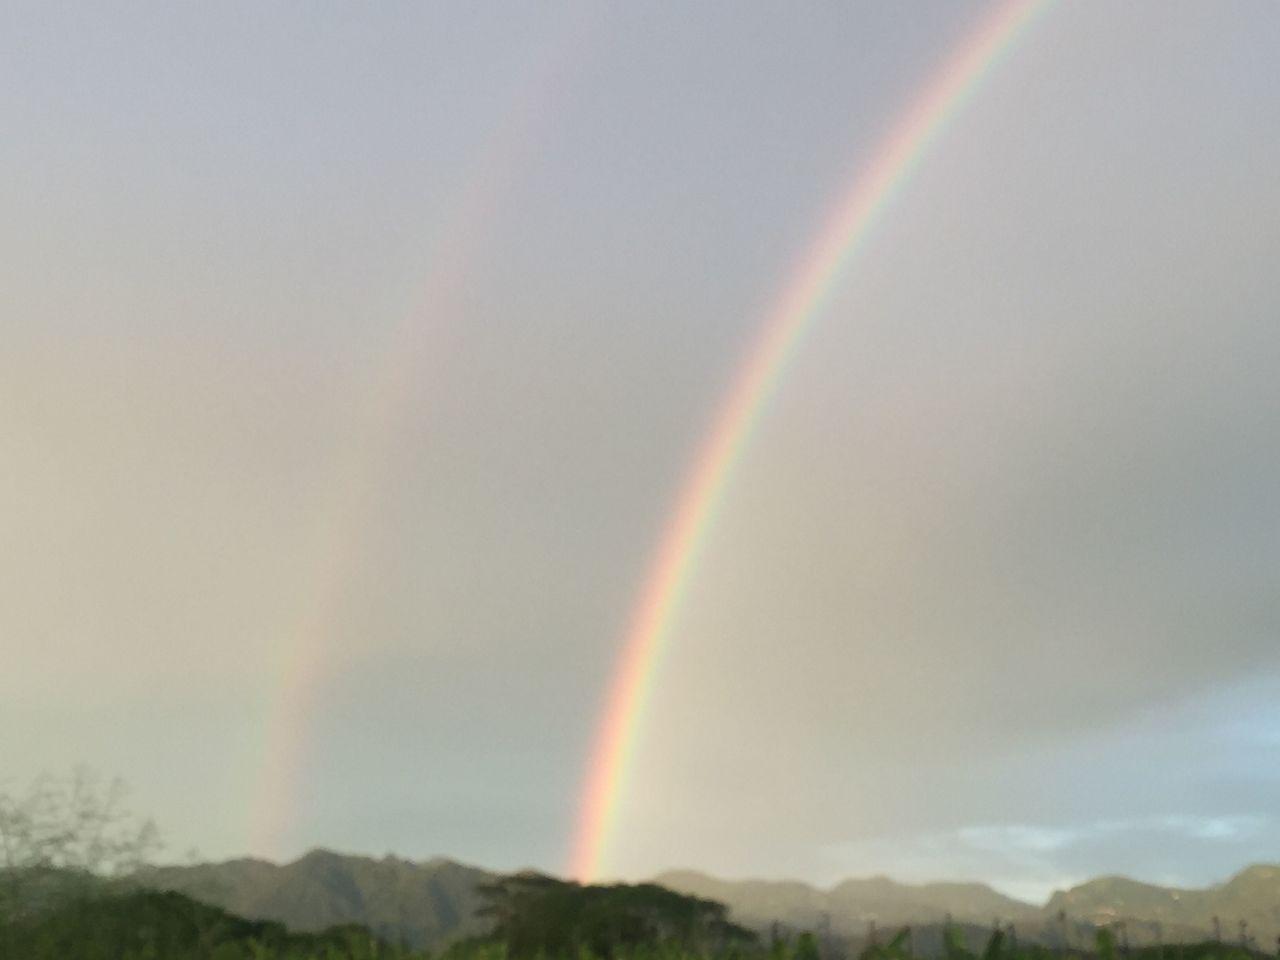 嘉義今天傍晚陣雨過後,中埔鄉山區又出現彩虹高掛天空,而且還出現兩道,遠在數公里外...